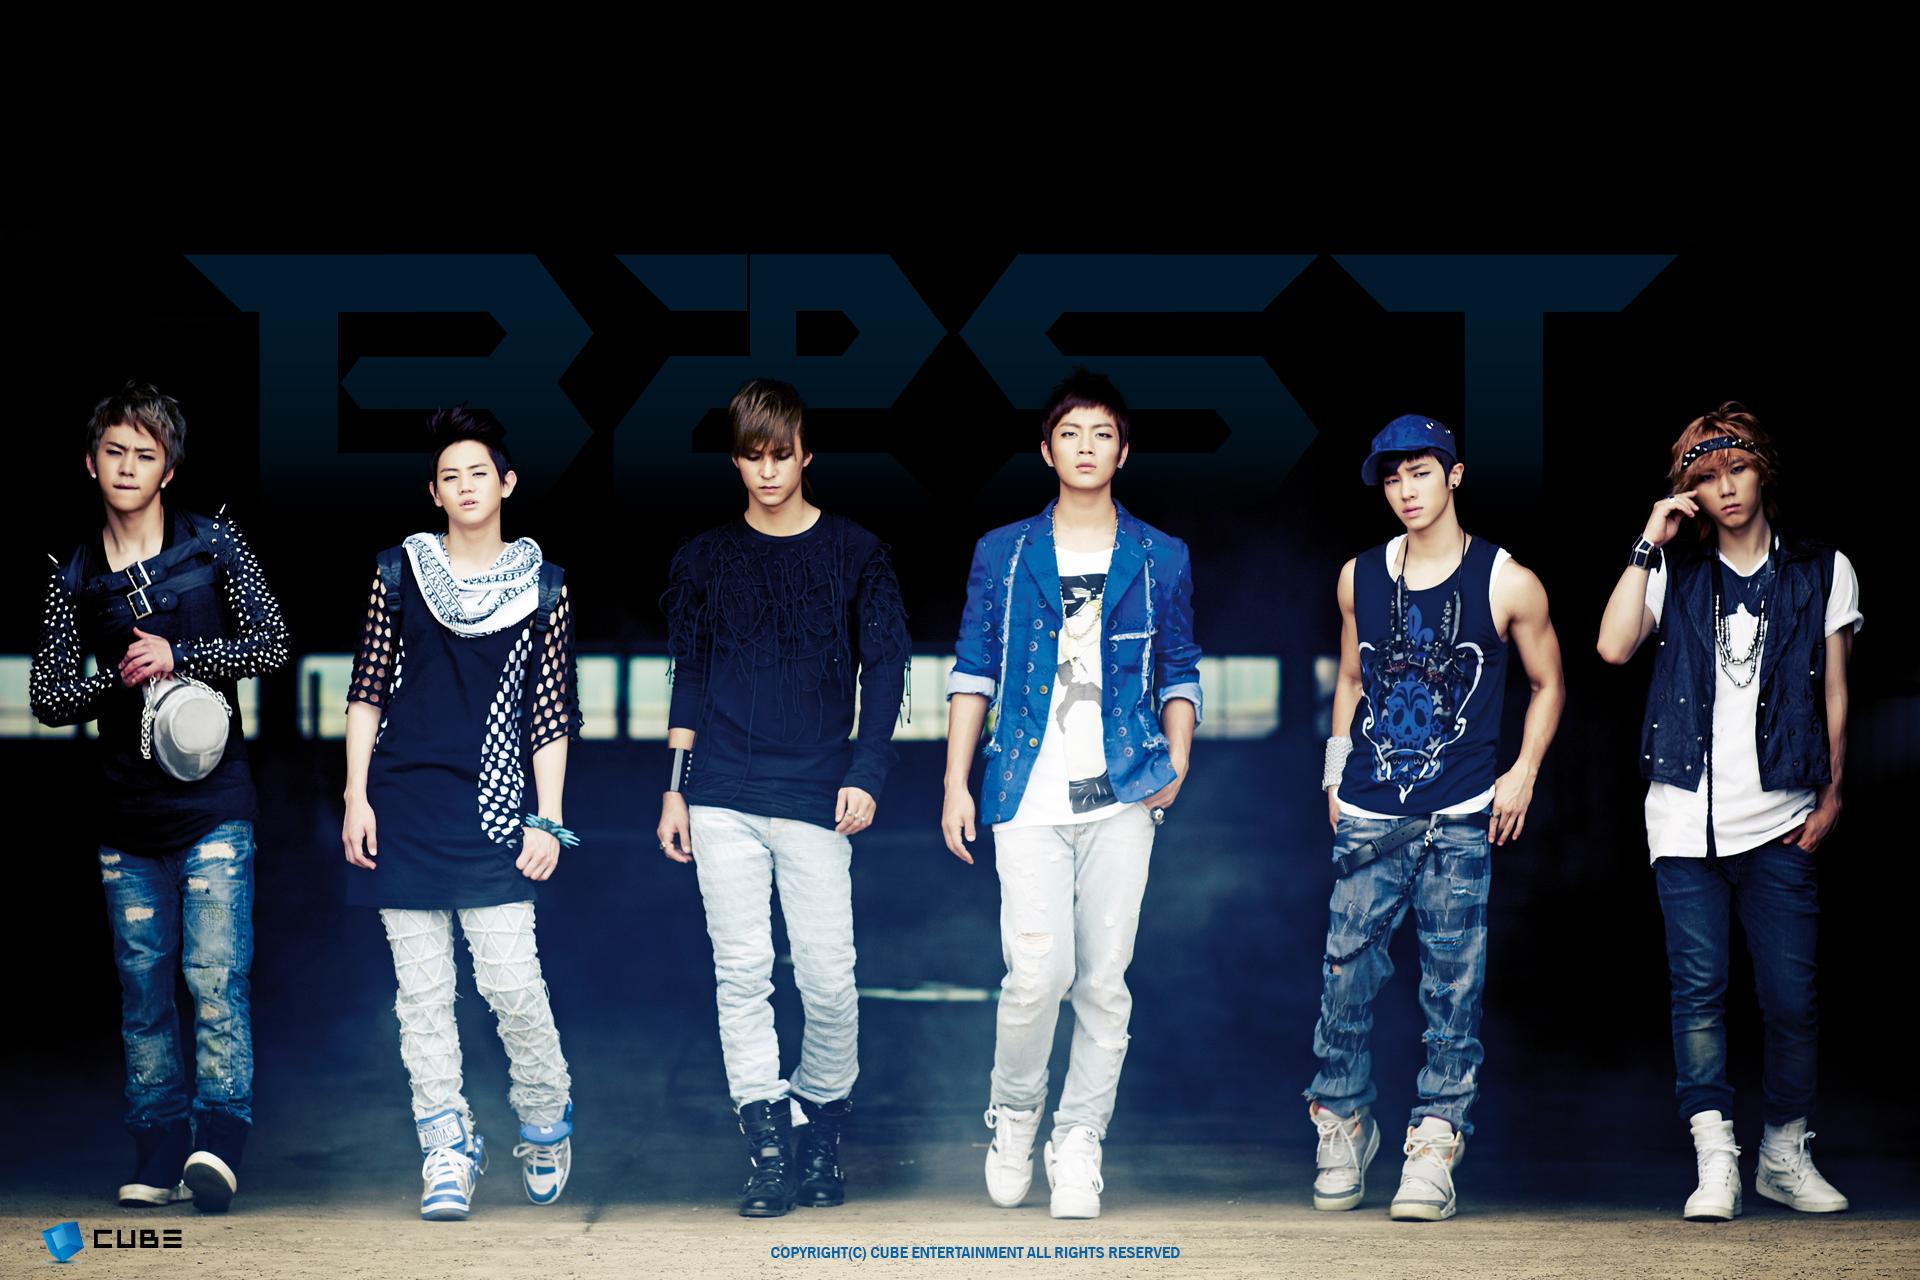 JunHyung, YoSeob, DongWoon, DuJun, GiKwang, HyunSeung